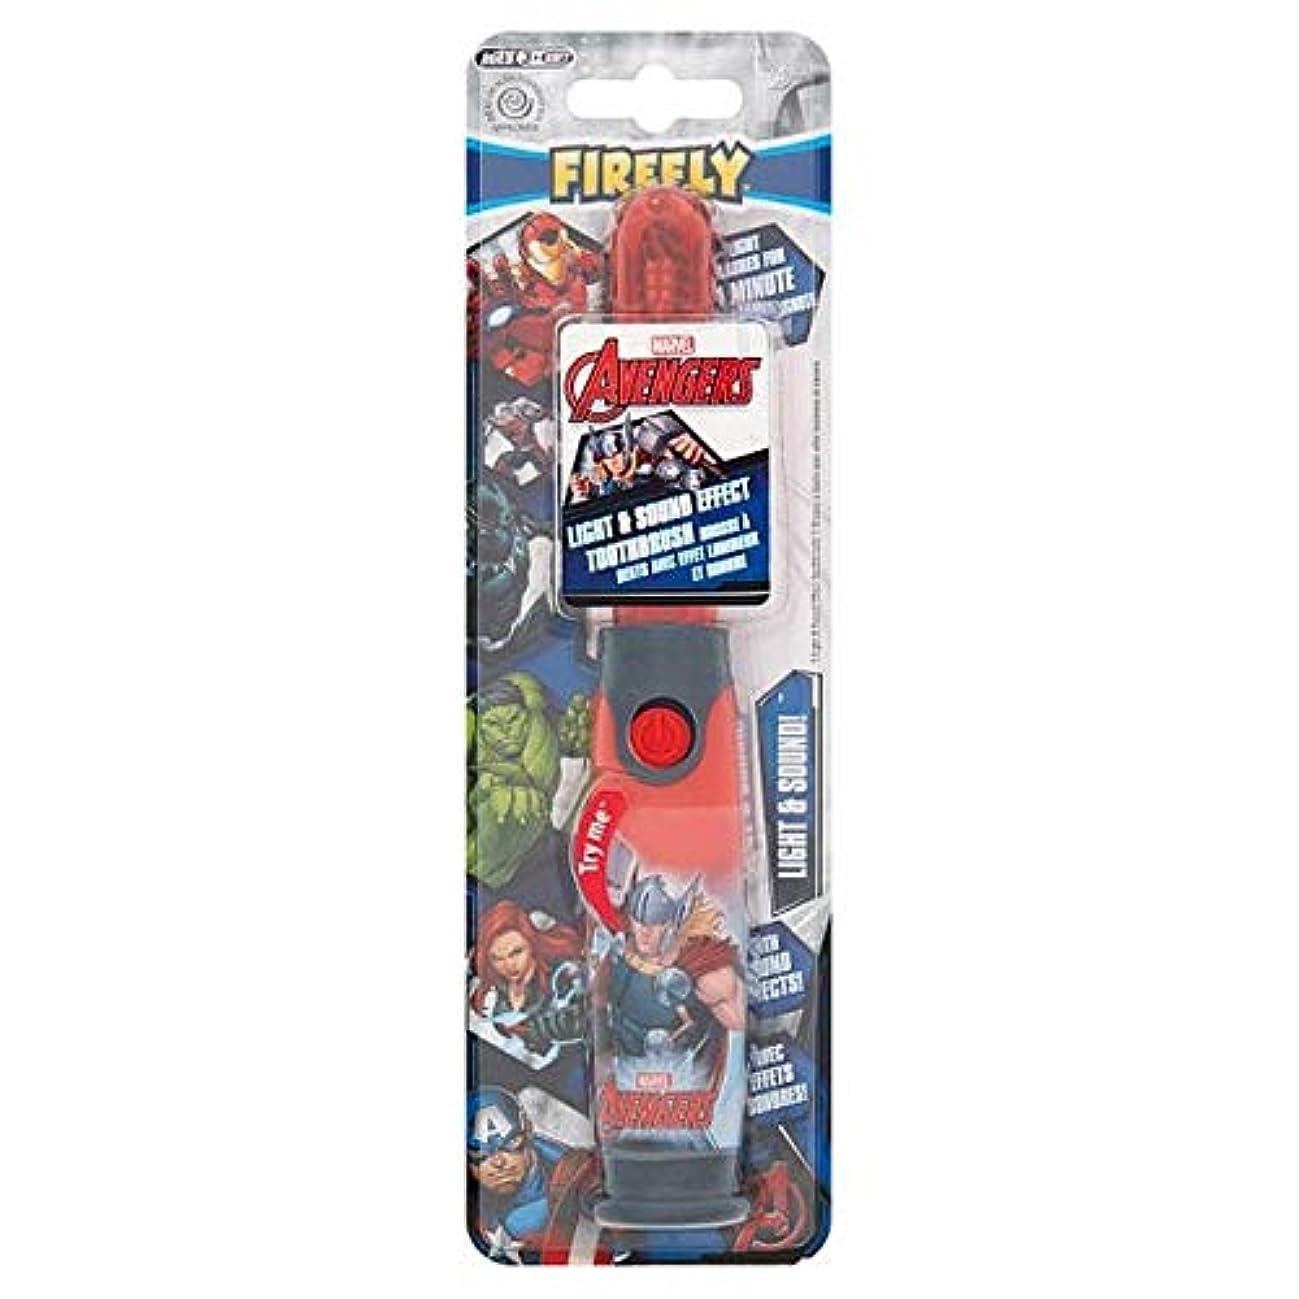 危険嫌な秀でる[Firefly ] アベンジャーズホタルの光と音の歯ブラシ - Avengers Firefly Light And Sound Toothbrush [並行輸入品]